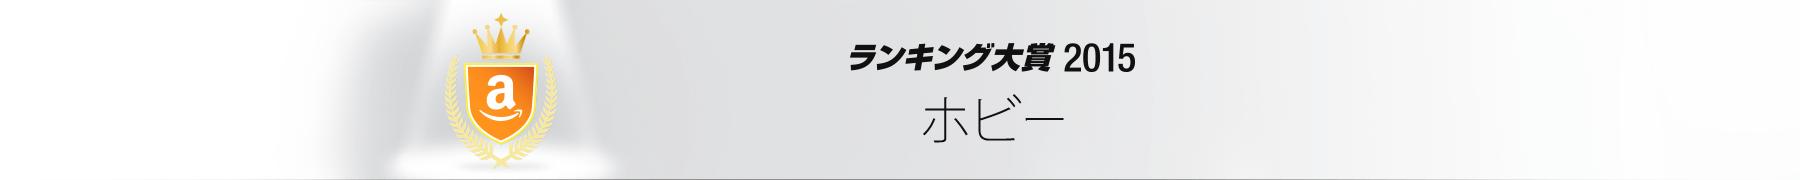 2015ホビー年間ランキング大賞